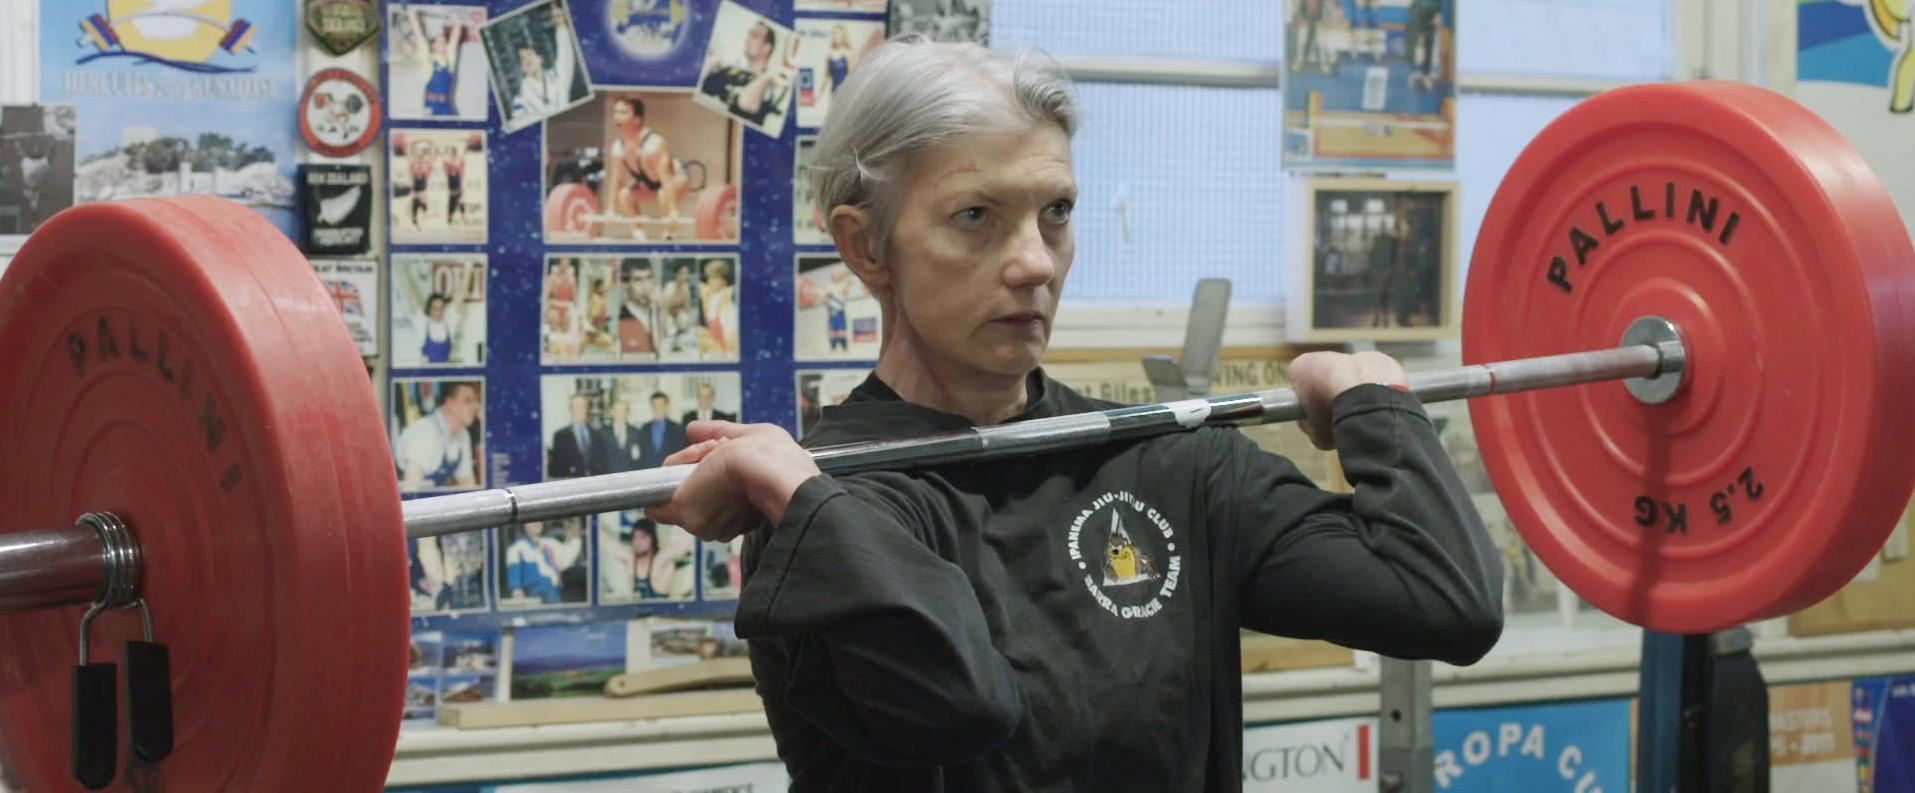 DOK Leipzig 2017: Die stärkste Frau der Welt